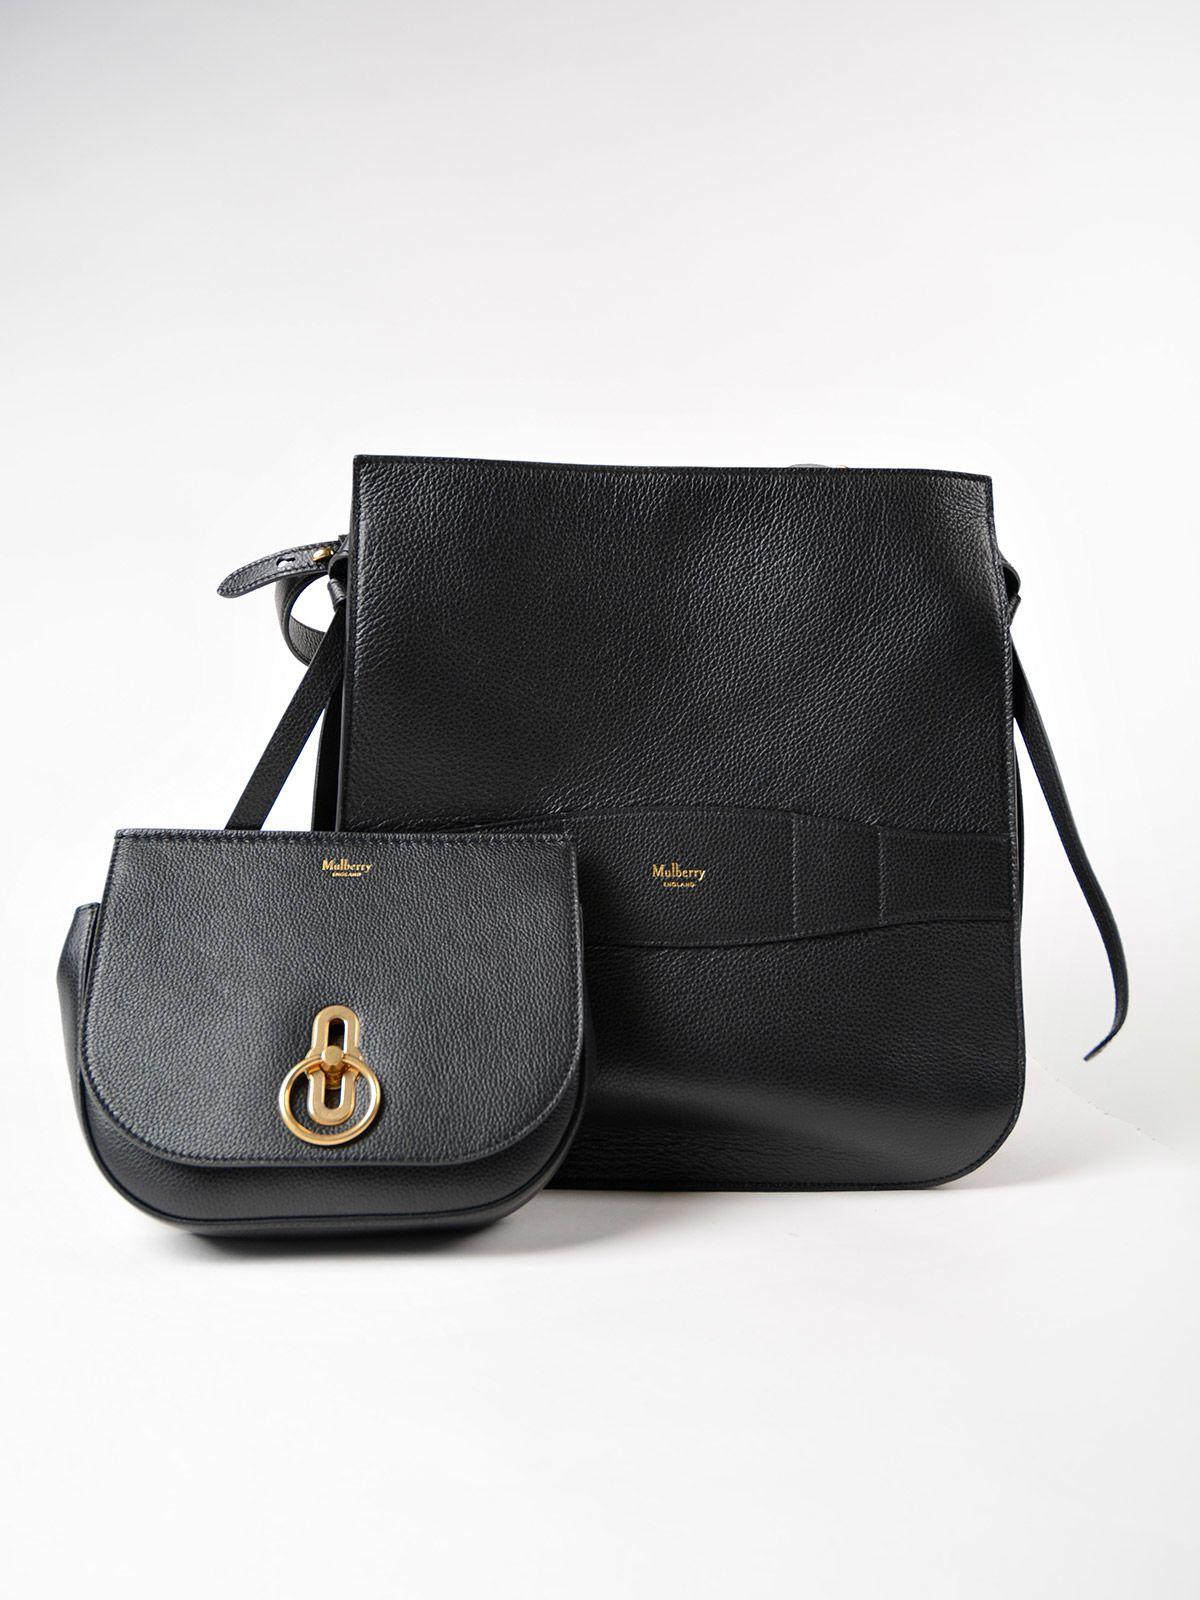 Mulberry Amberley Hobo Bag - Black Mulberry Amberley Hobo Bag - Black ... baa74e3928150